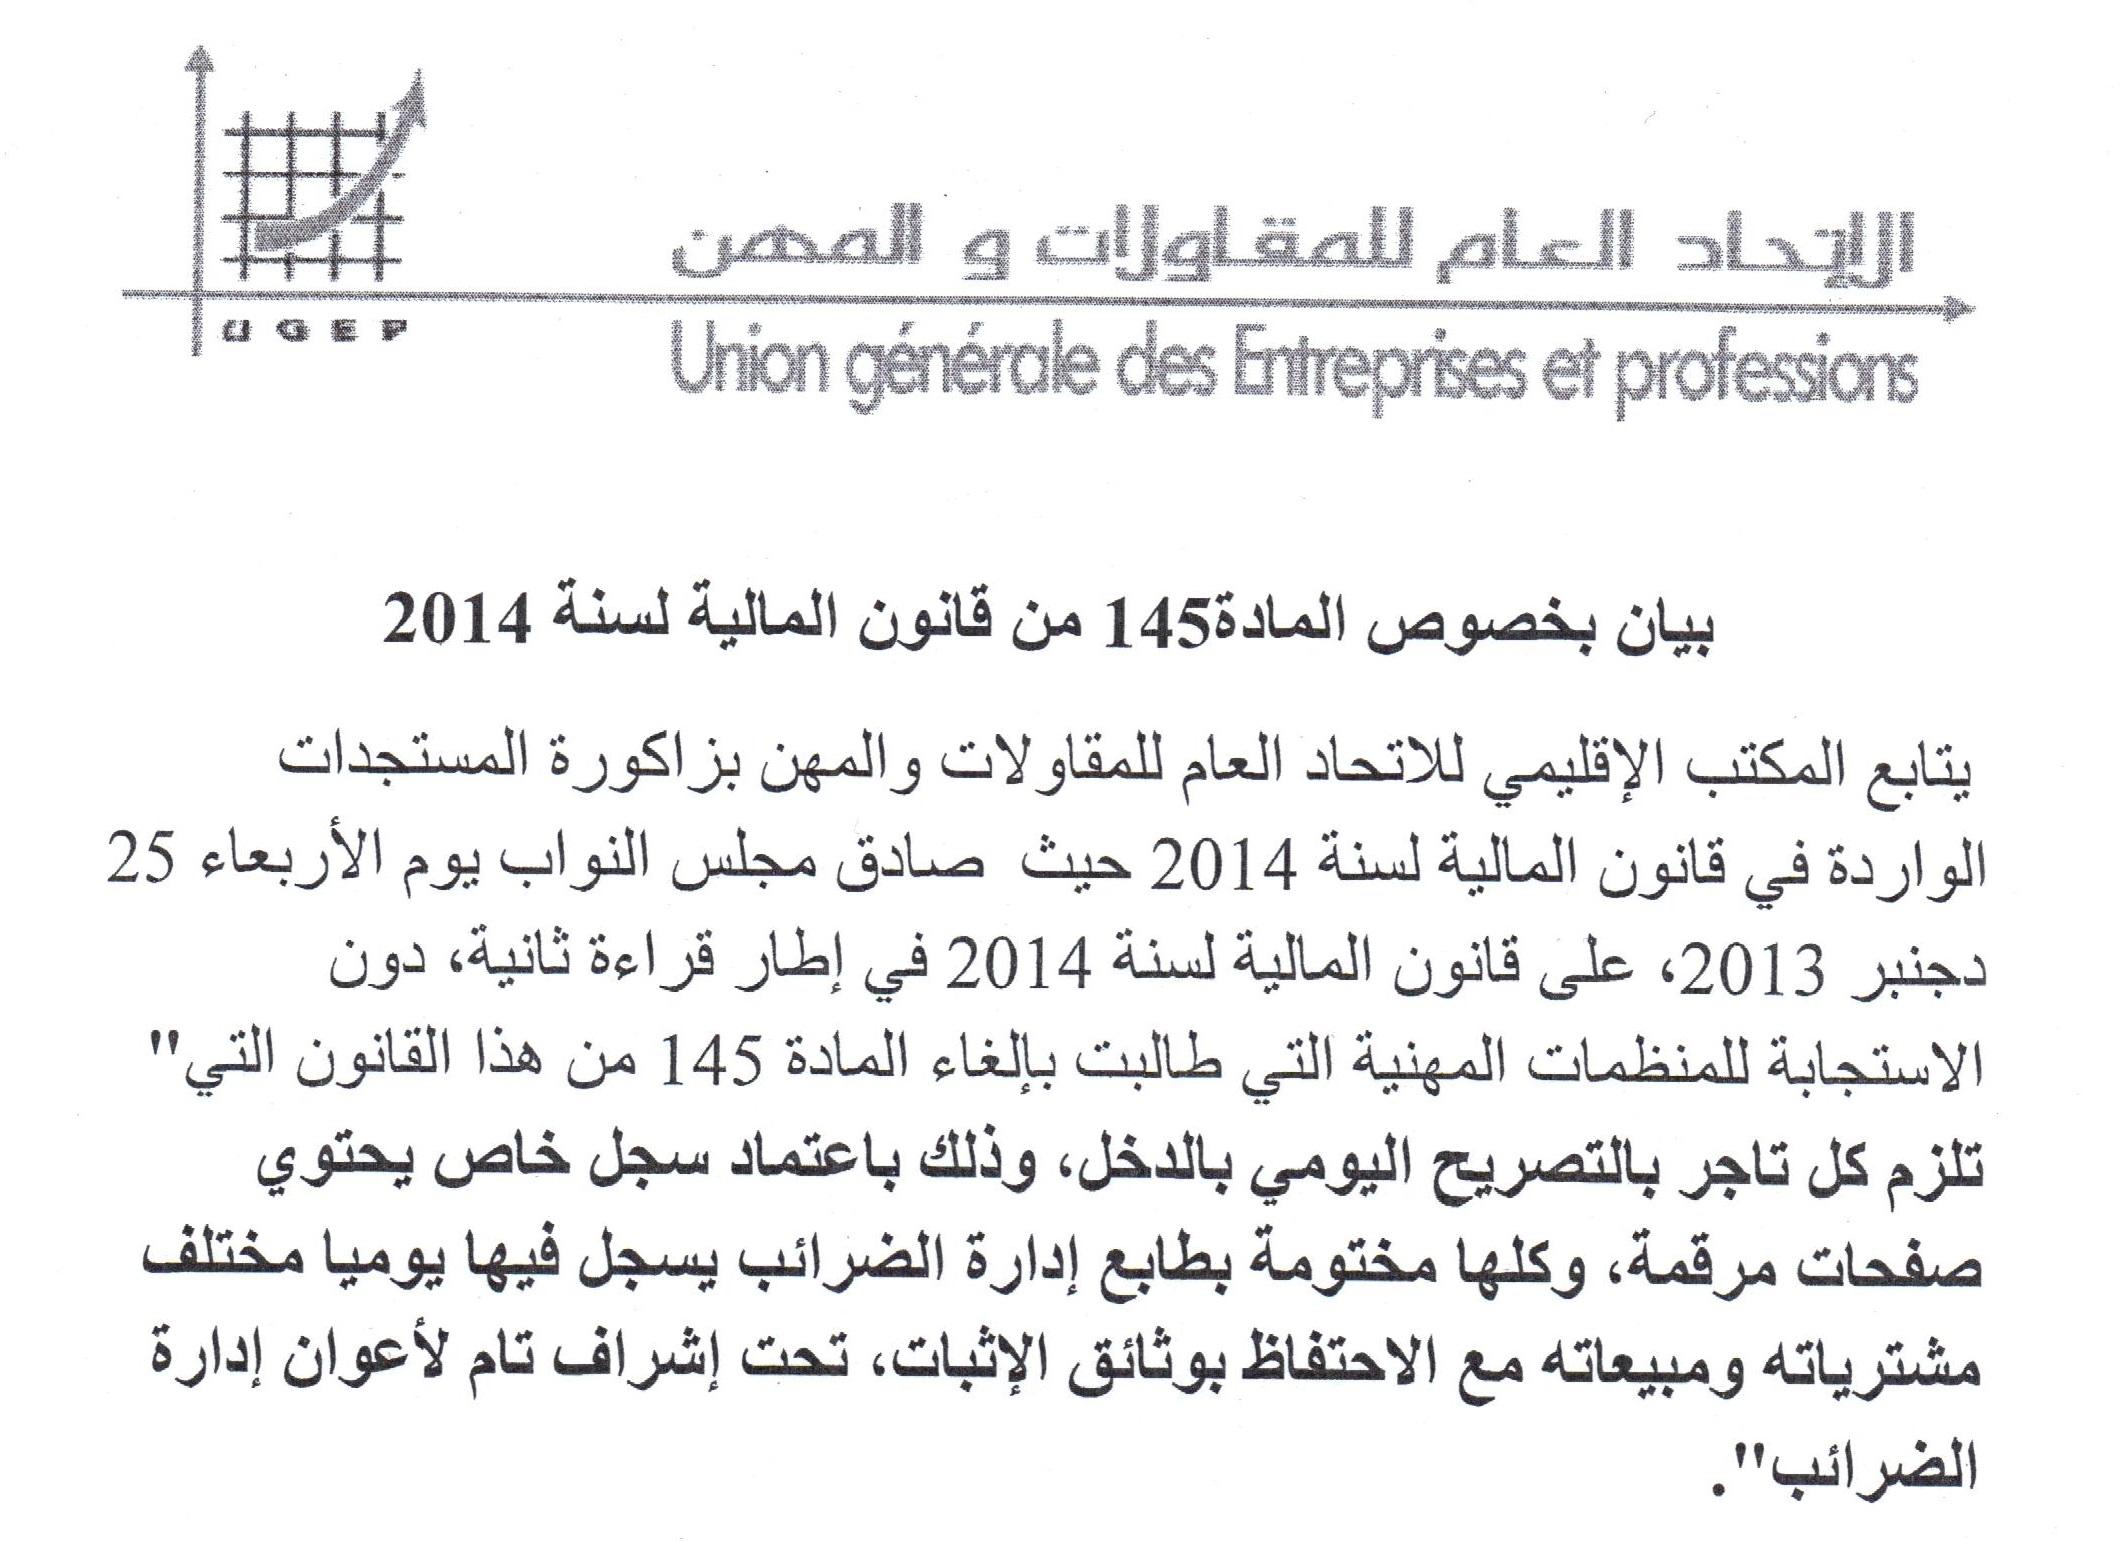 الإتحام العام للمقاولات والمهمن بزاكورة يطالب بعدم تفعيل المادة 145 من قانون المالية لسنة 2014